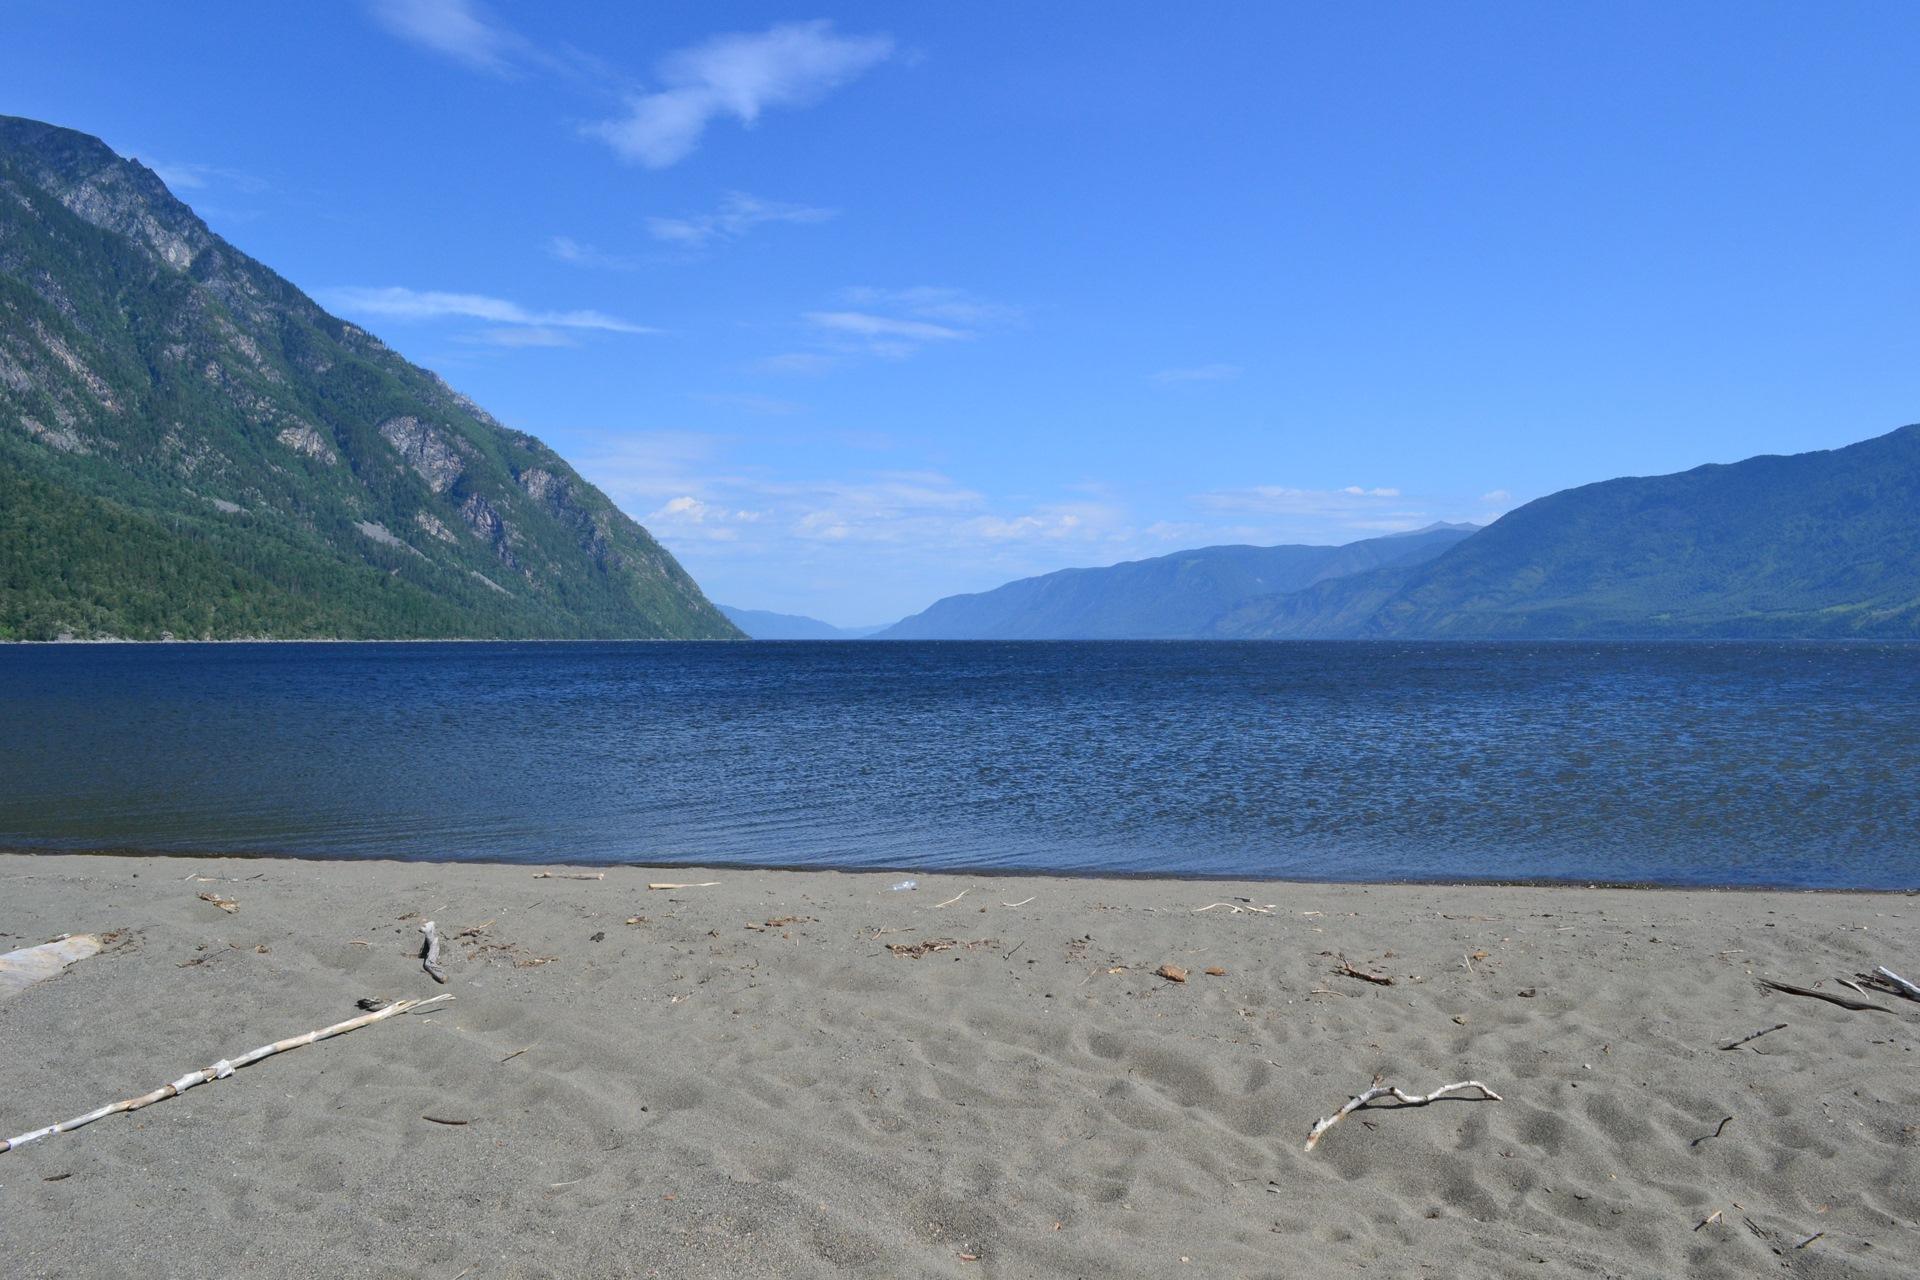 говорит, что телецкое озеро южная сторона фото илья разлучались